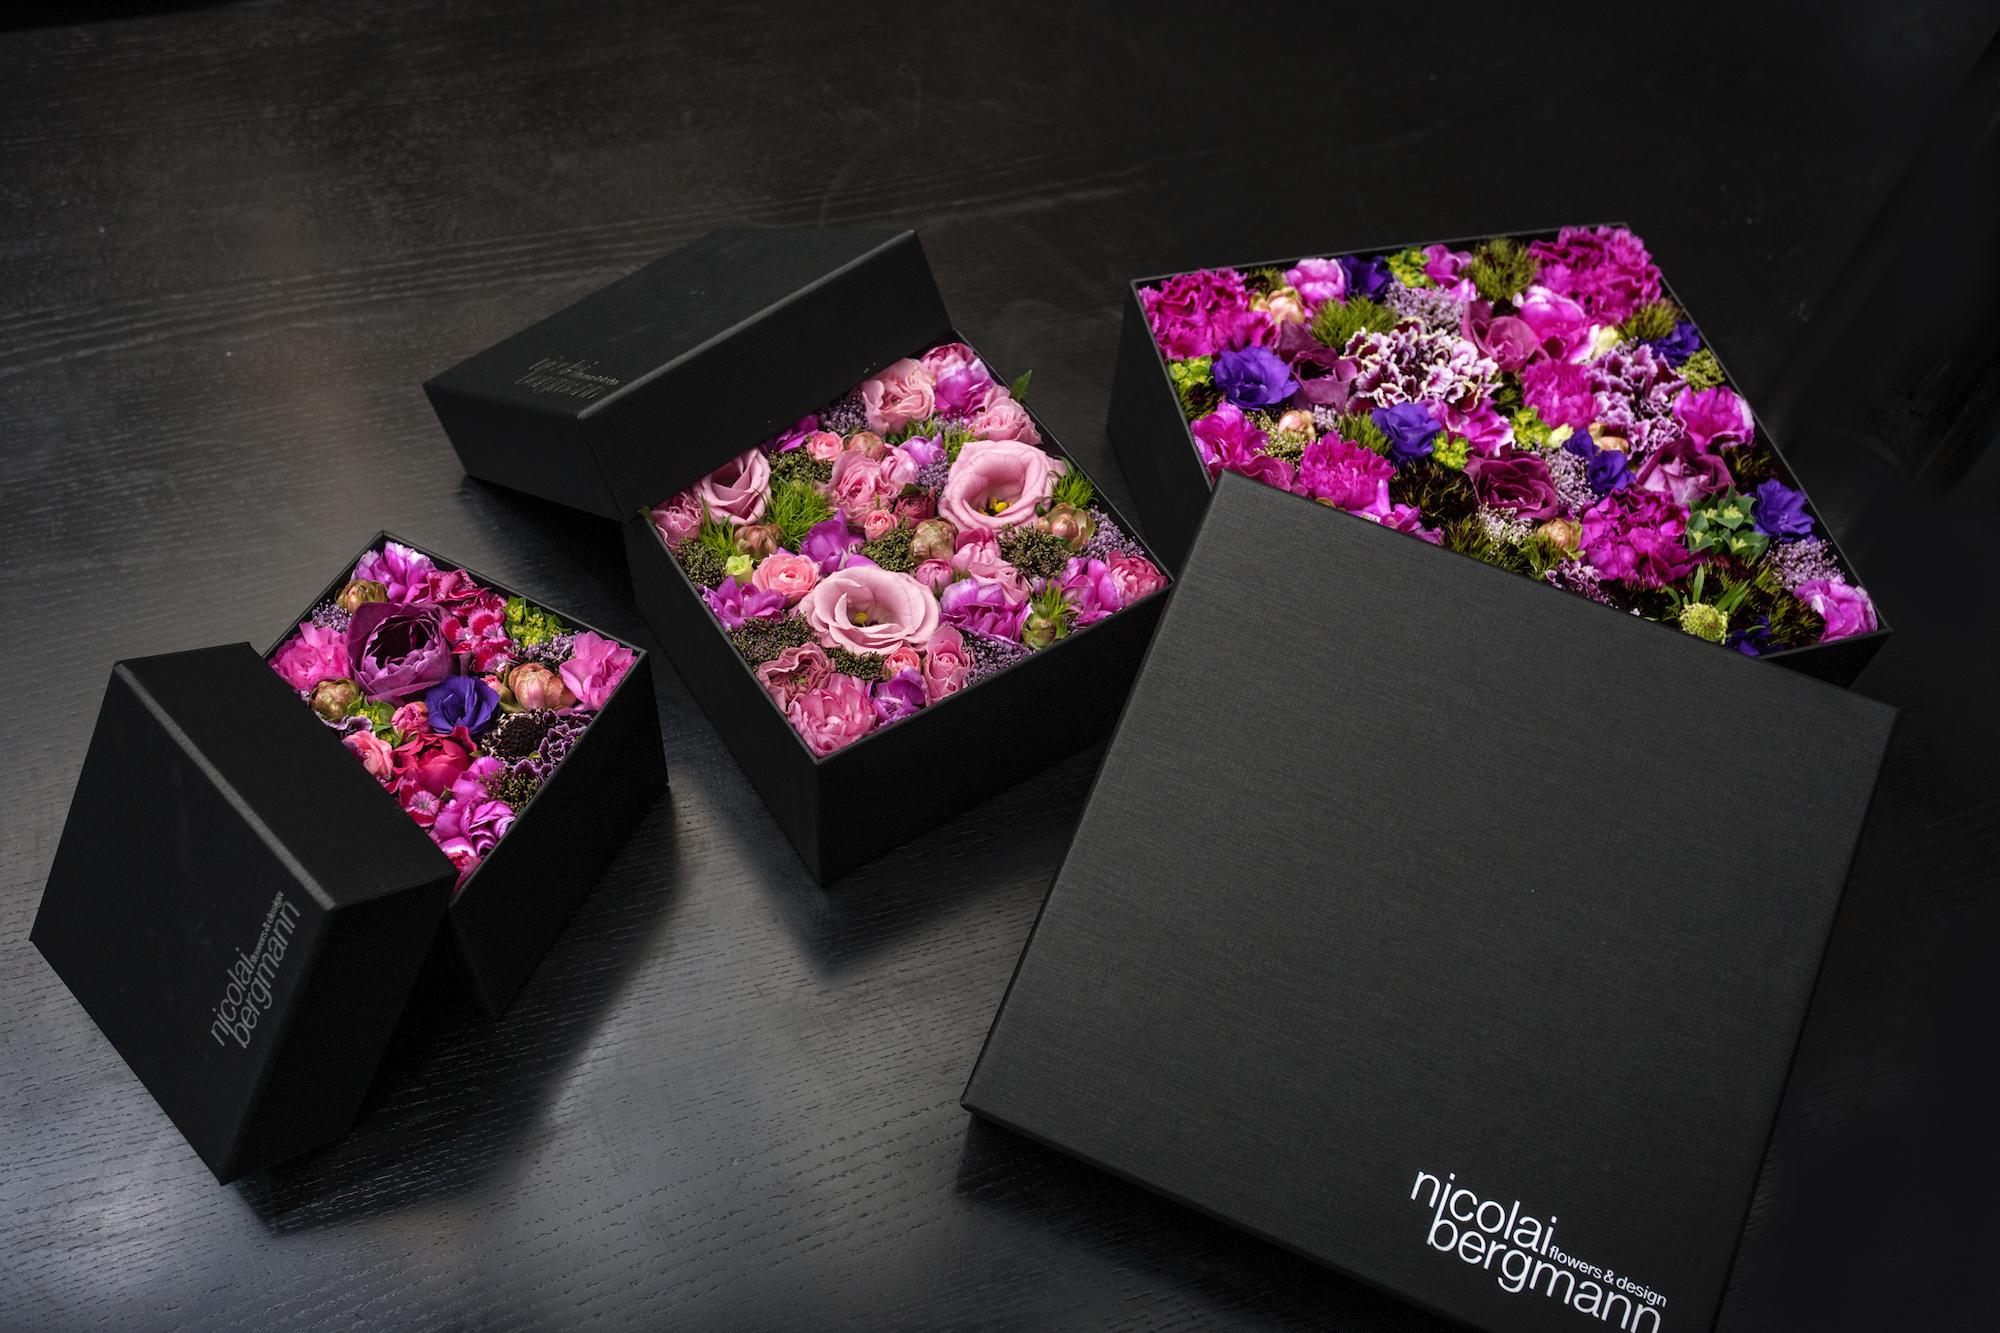 今展覧会ではオリジナルの黒いフラワーボックスも登場。シーズナルデザインなどこれまでに制作した100種類以上のフラワーボックスが揃う。